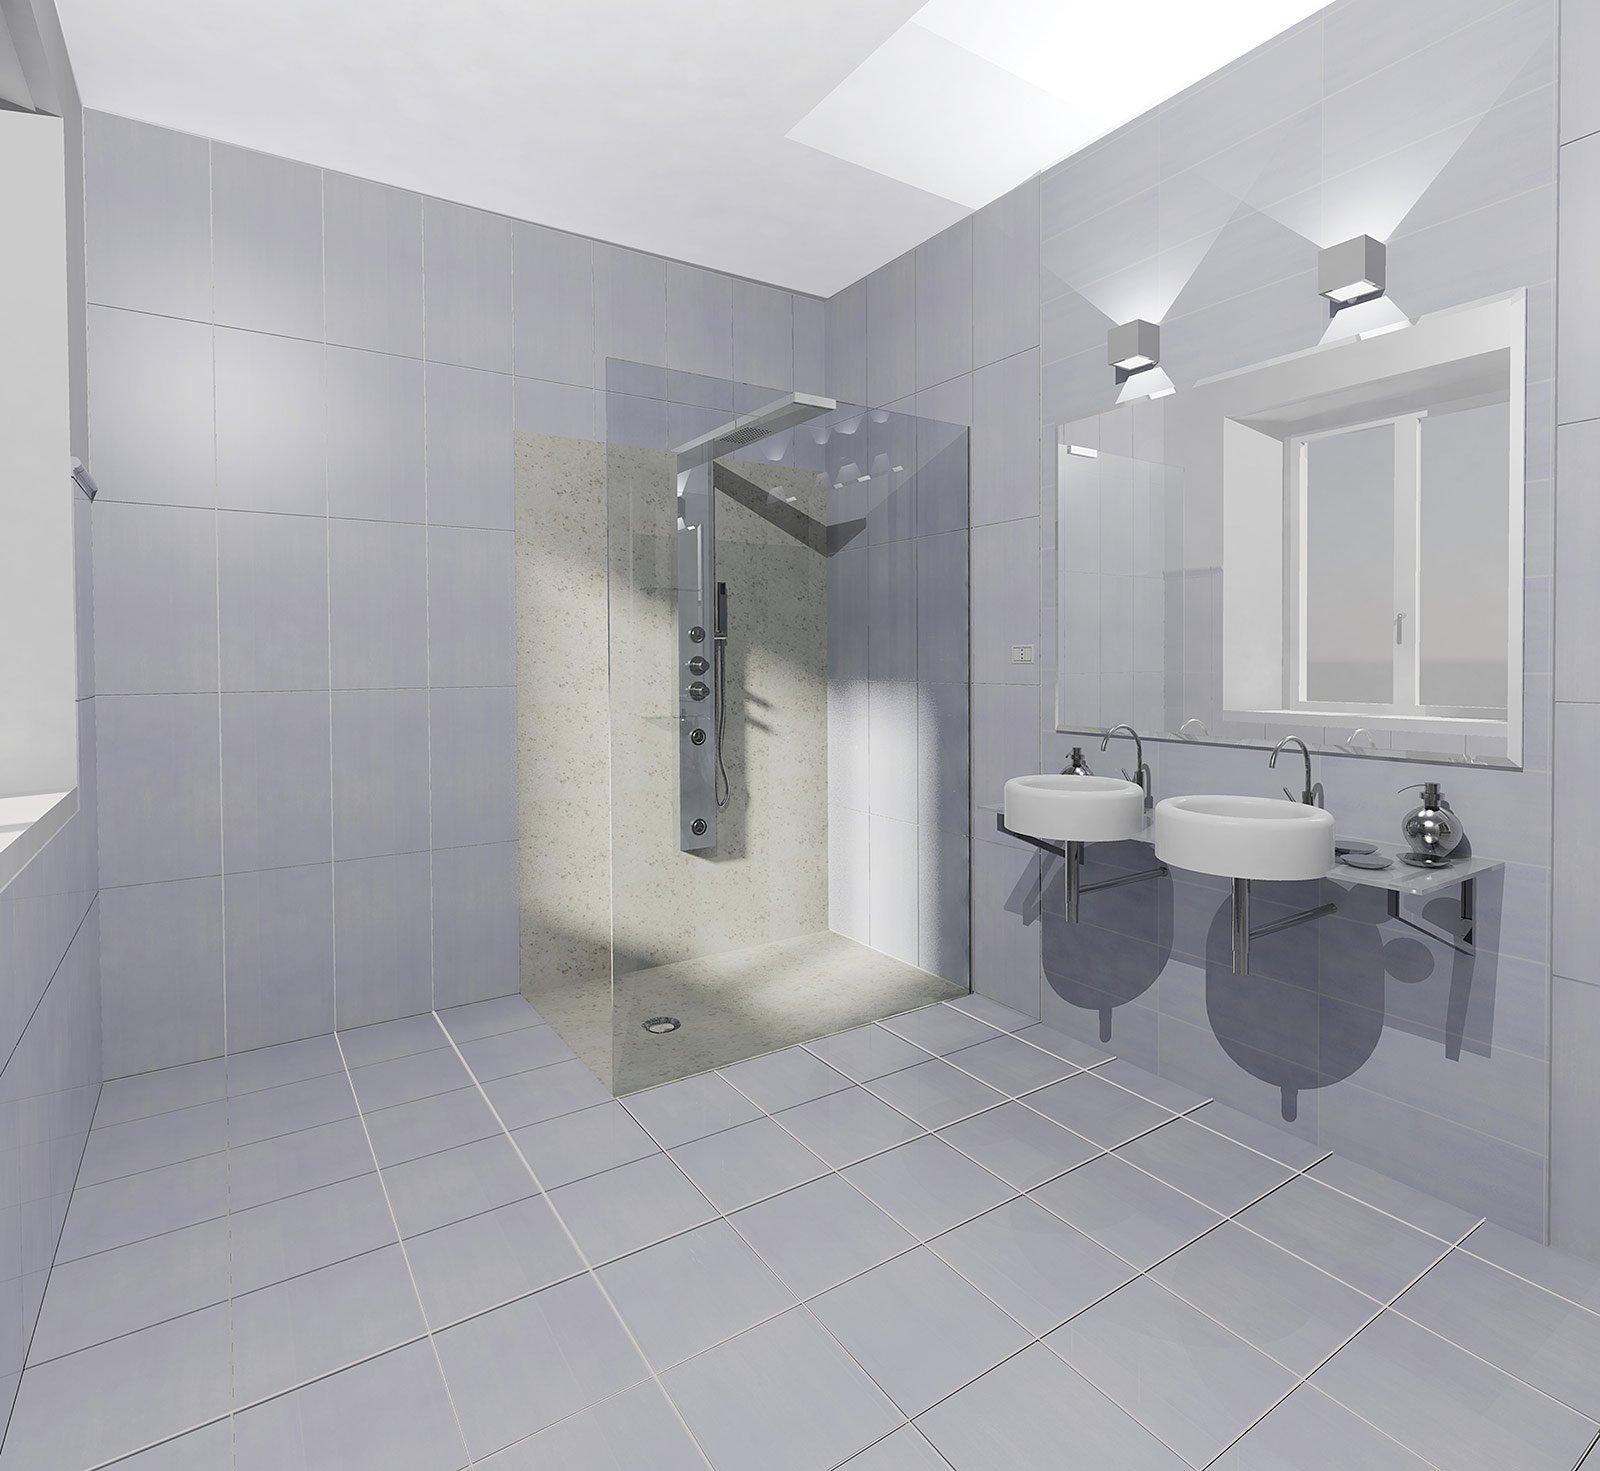 scegliere i rivestimenti per pareti e pavimenti cose di casa